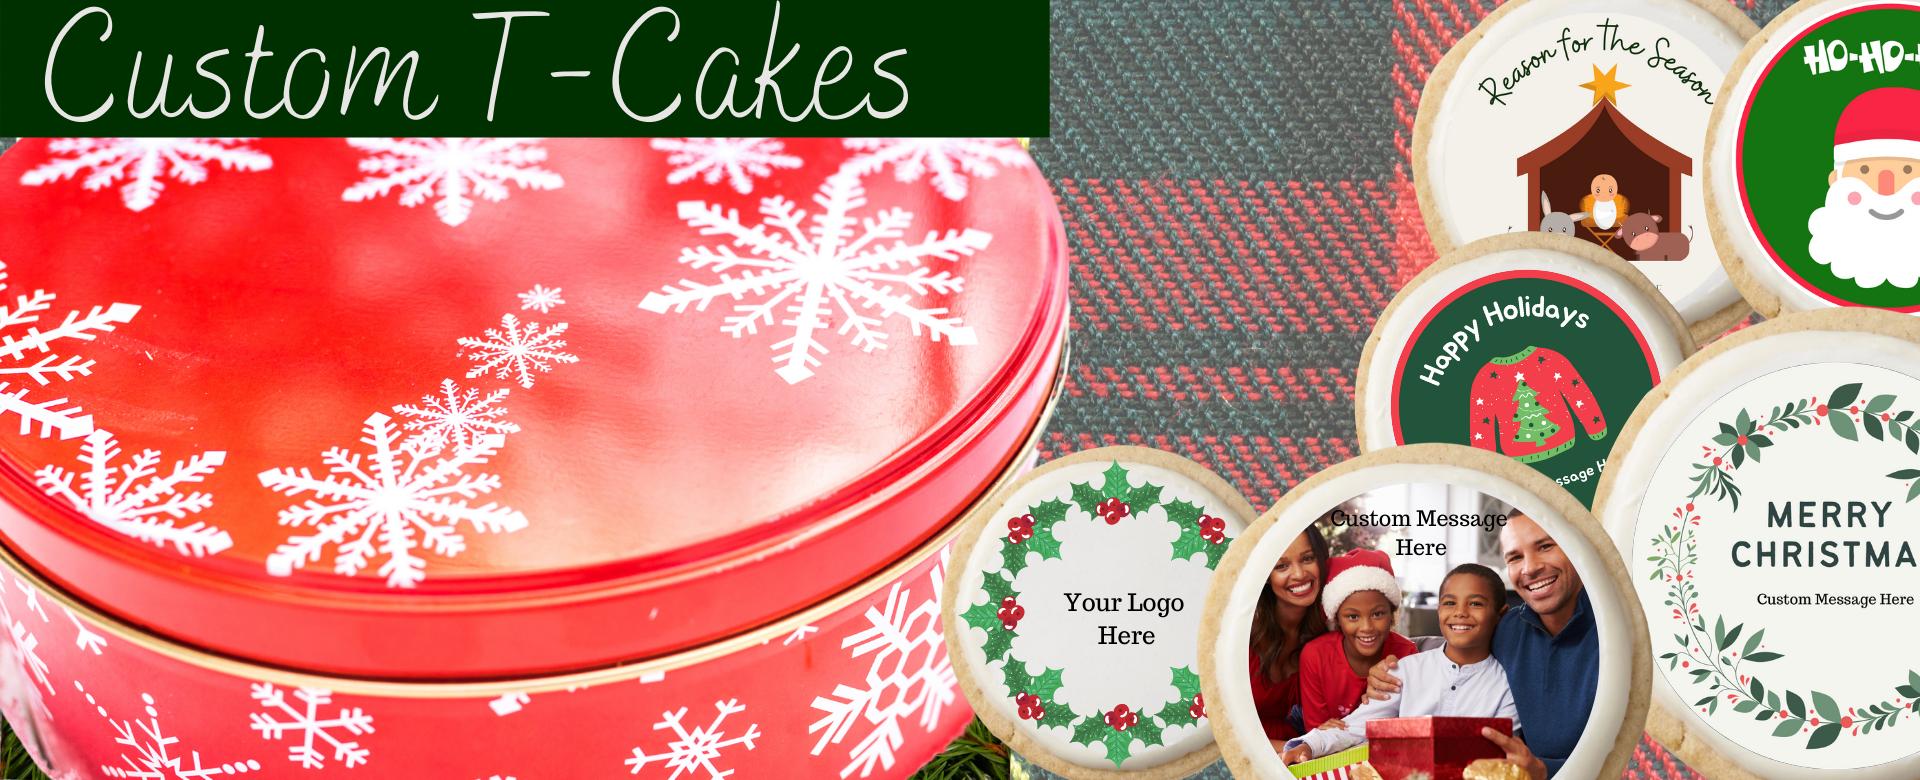 Custom T-Cakes